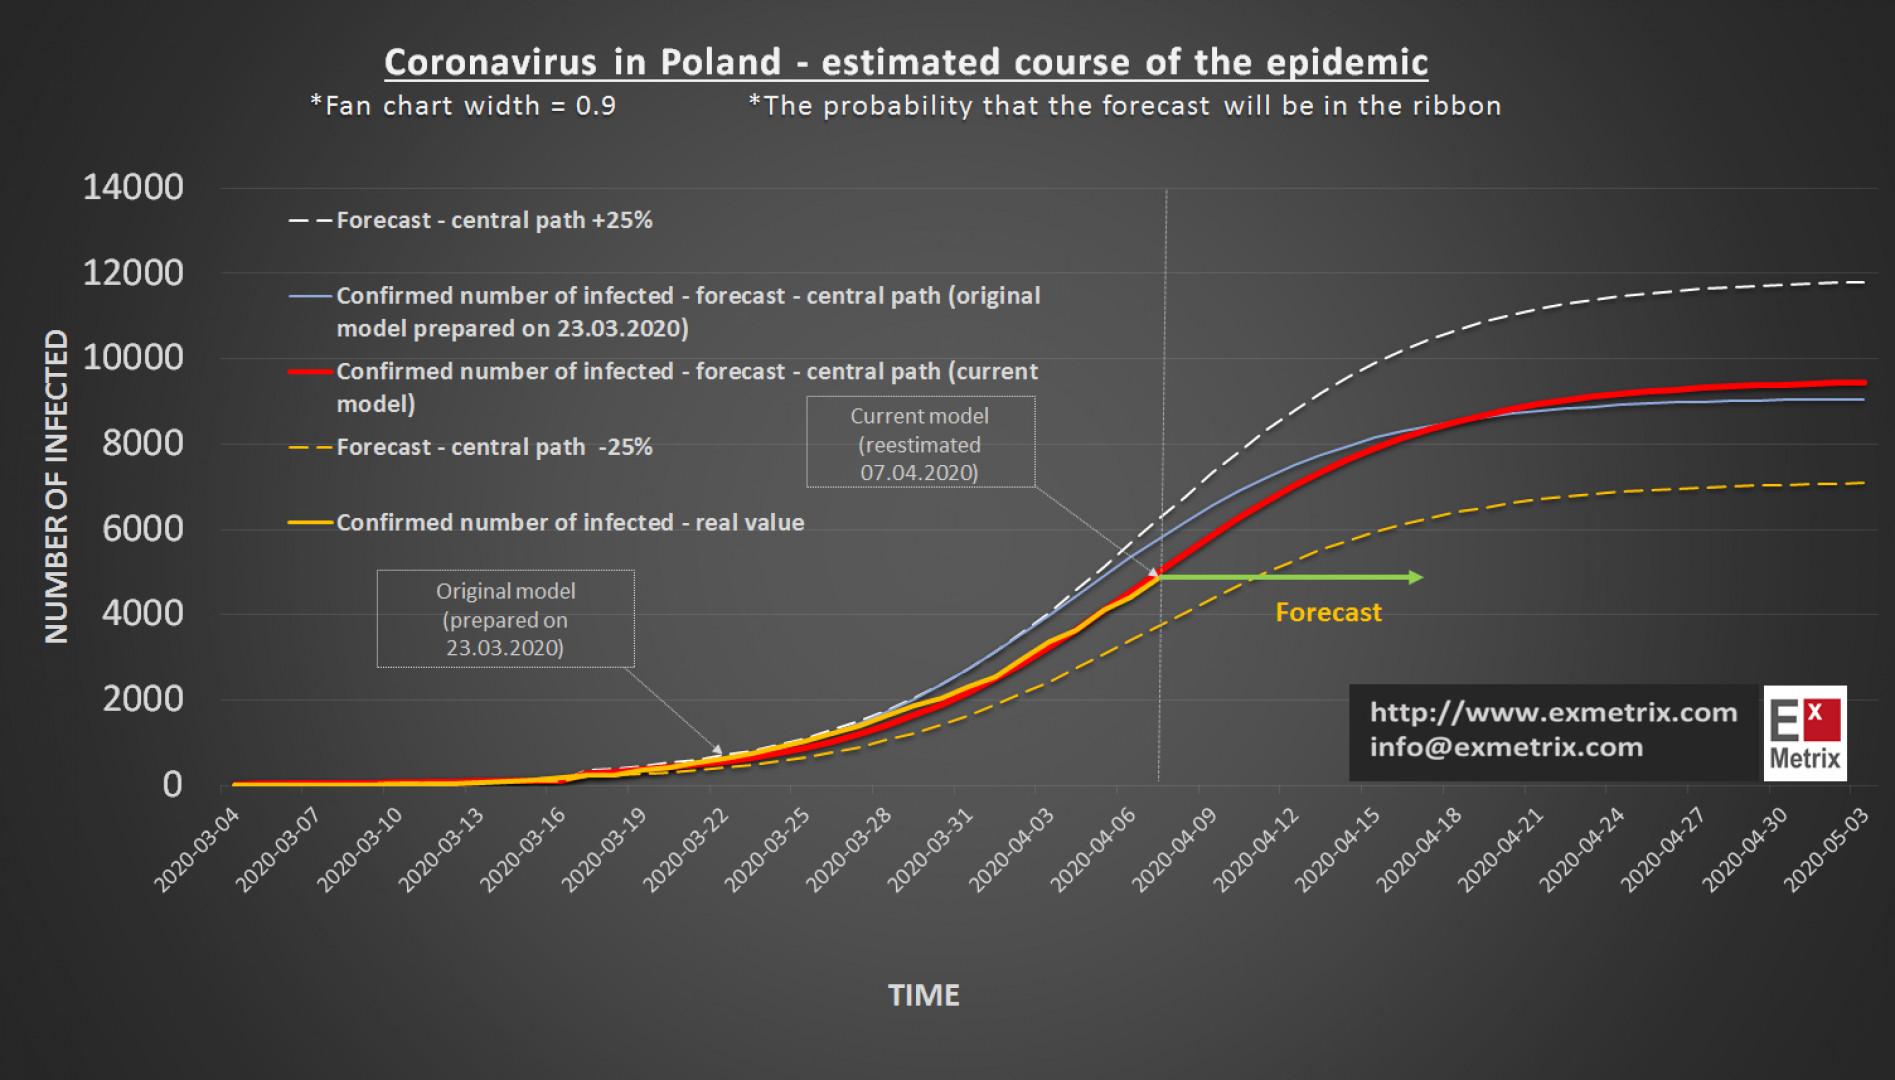 Rzeczywisty i prognozowany przebieg liczby potwierdzonych zakażeń (za: Exmetrix.com)